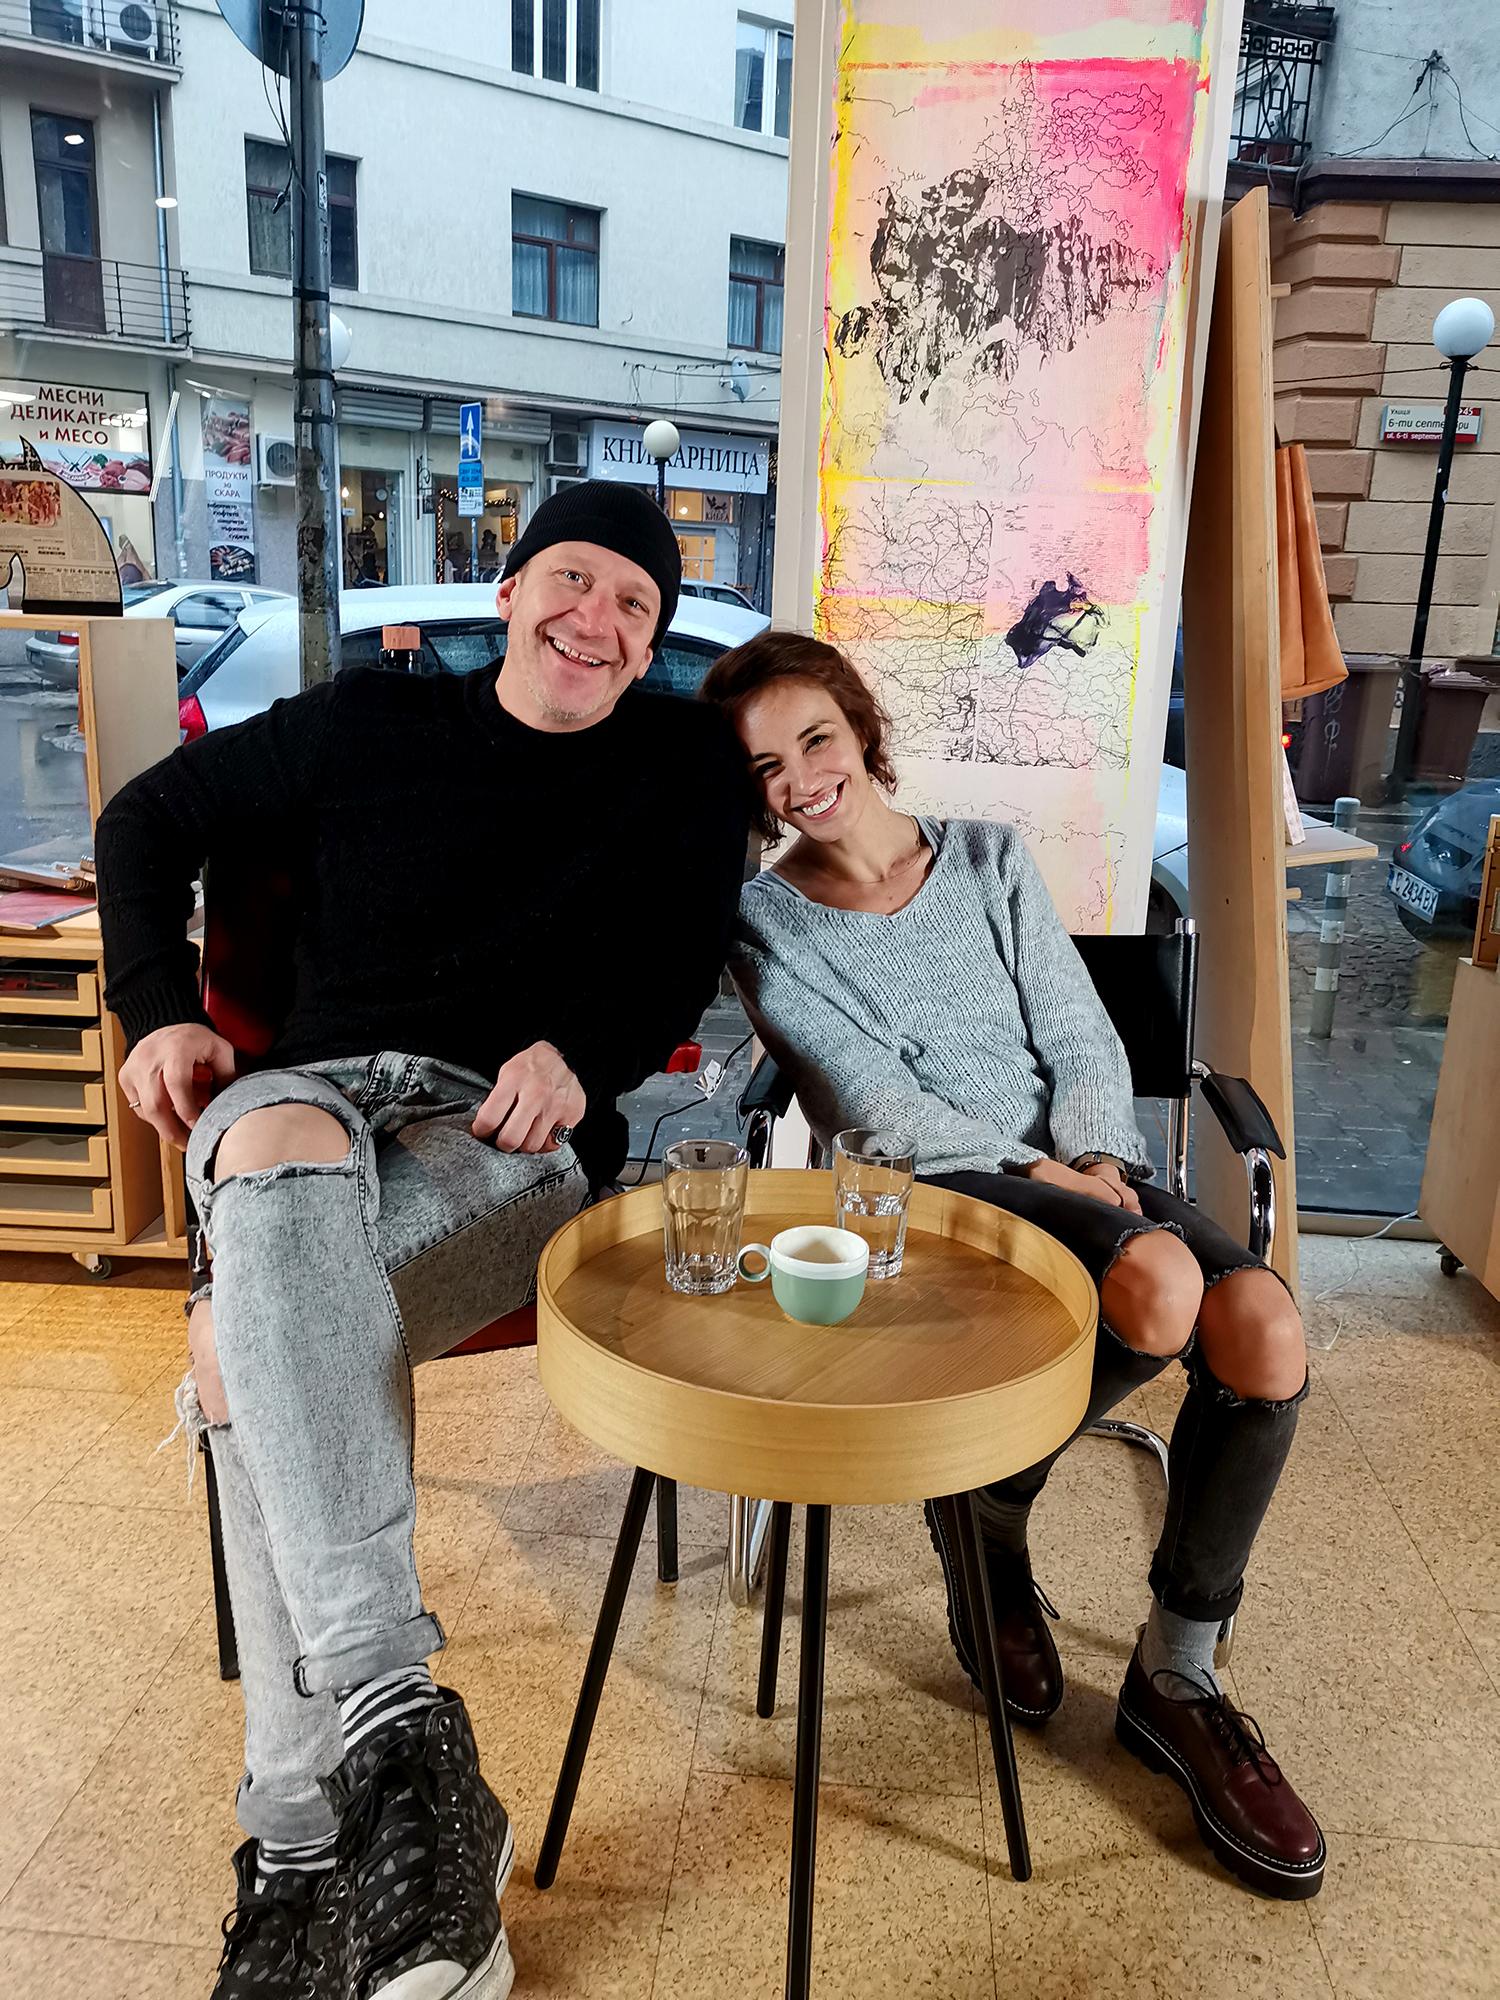 """Радина Кърджилова и Деян Донков, артисти и любовници по професия и душа: Тя: """"Трябват търпение и компромиси!"""" Той: """"Все пак - не само да се слушаме, но и да чуваме!"""""""